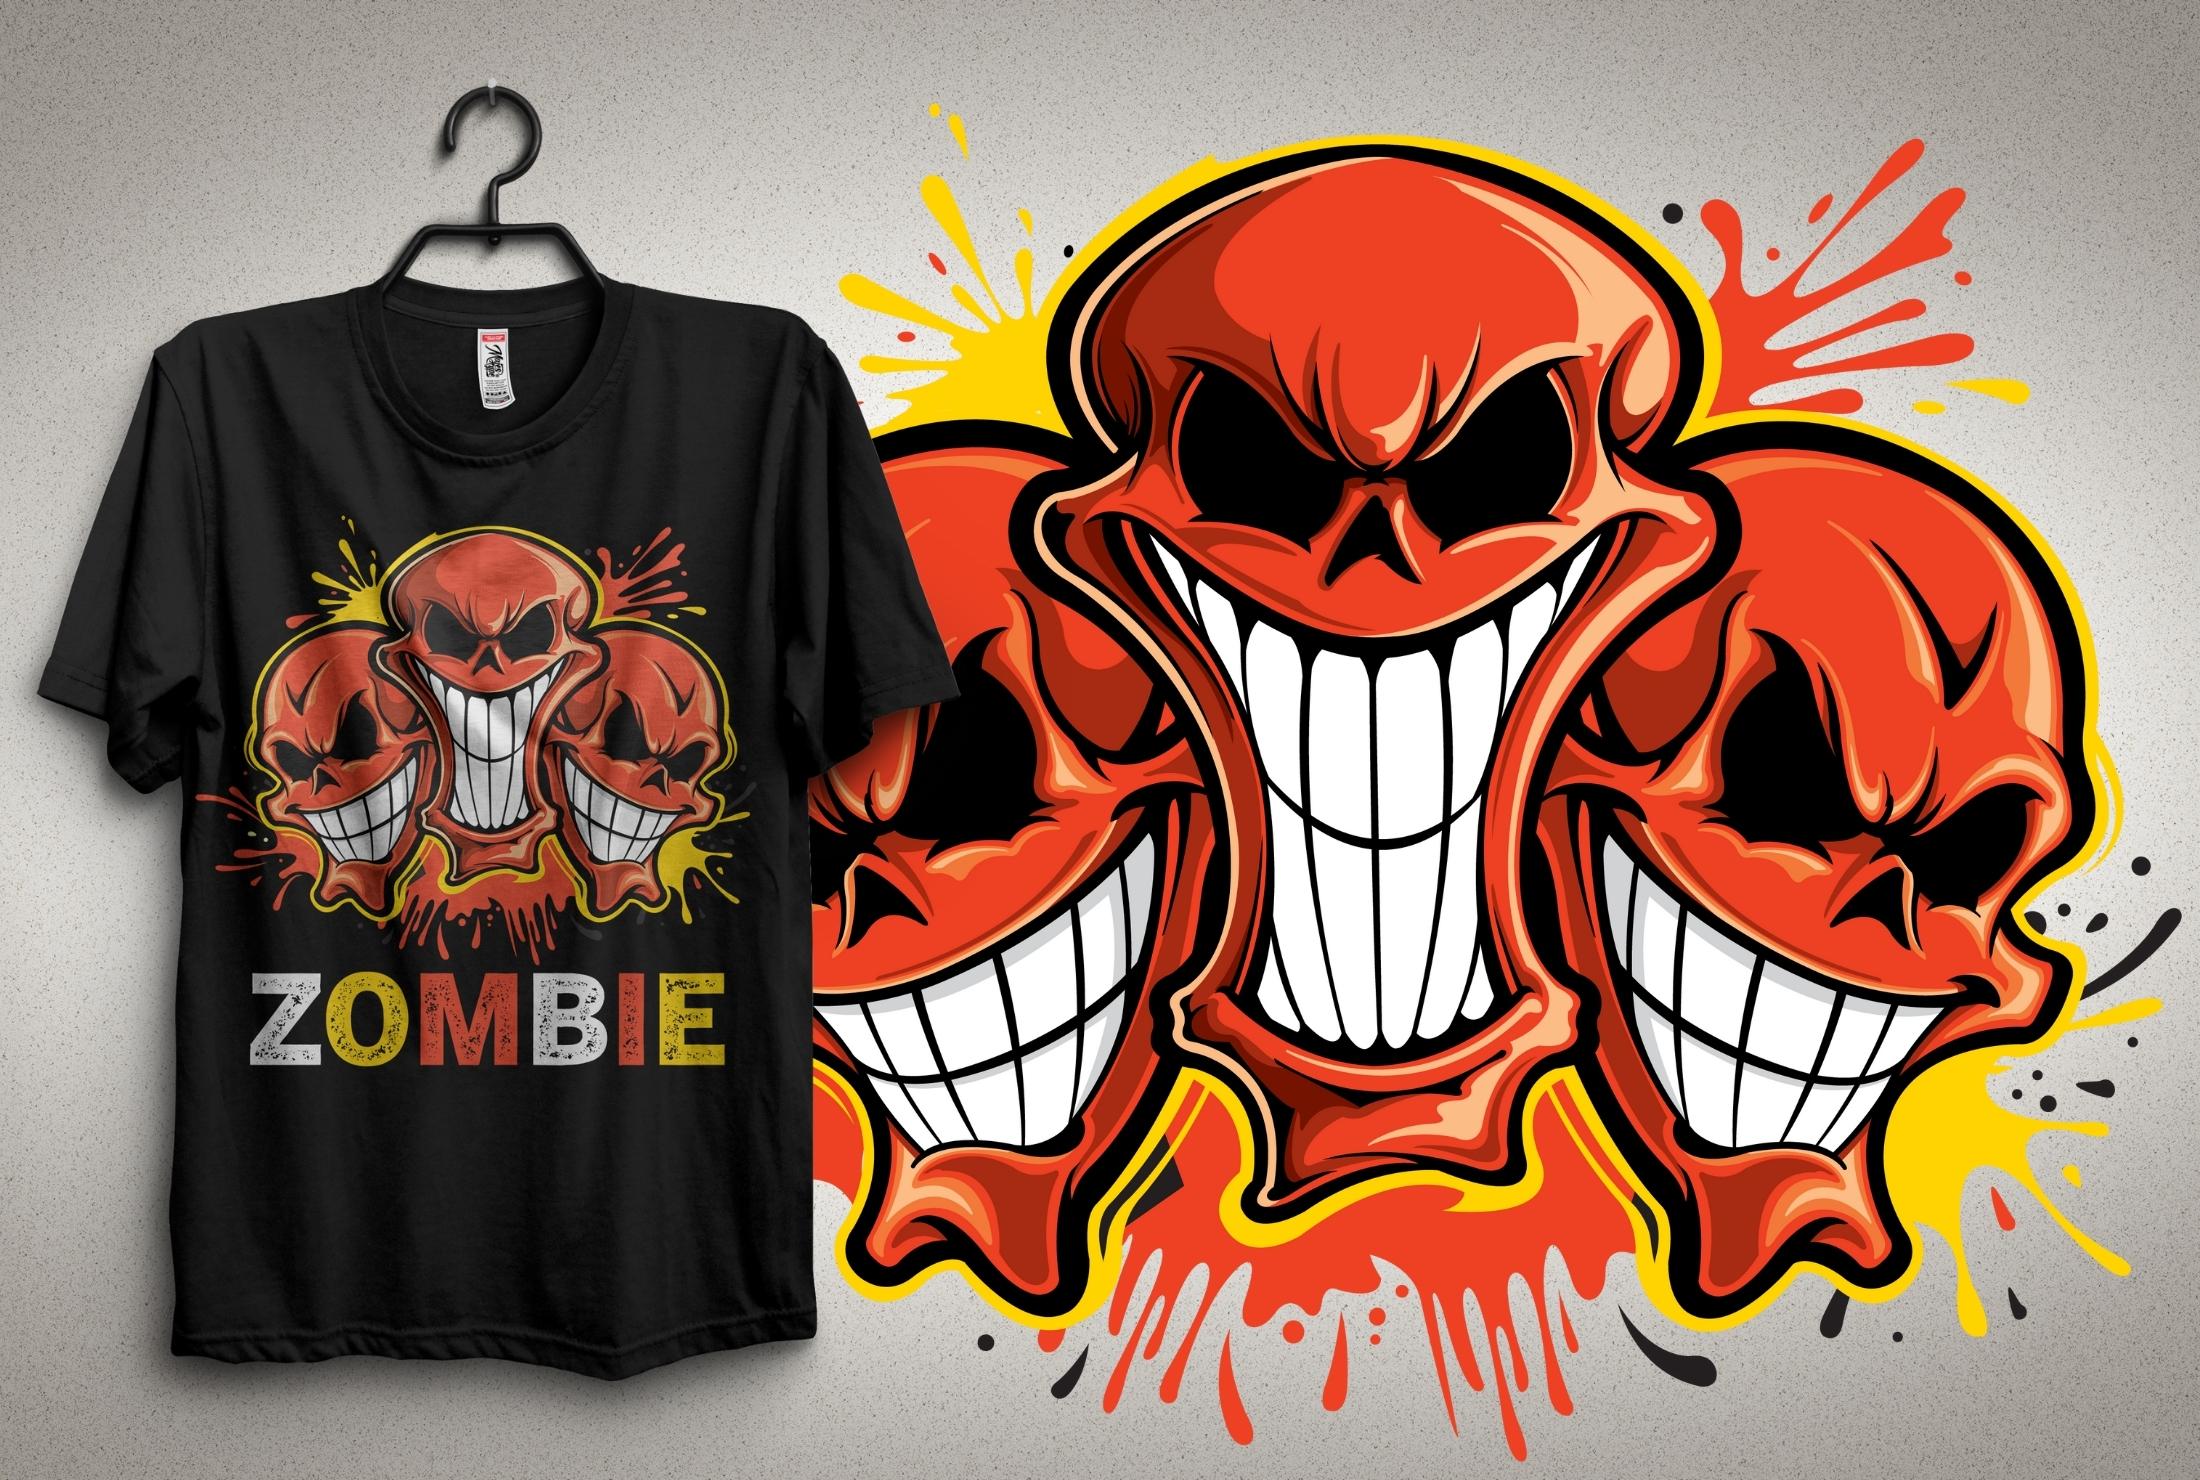 I Will Do illustration T-Shirt Design in 24 hour